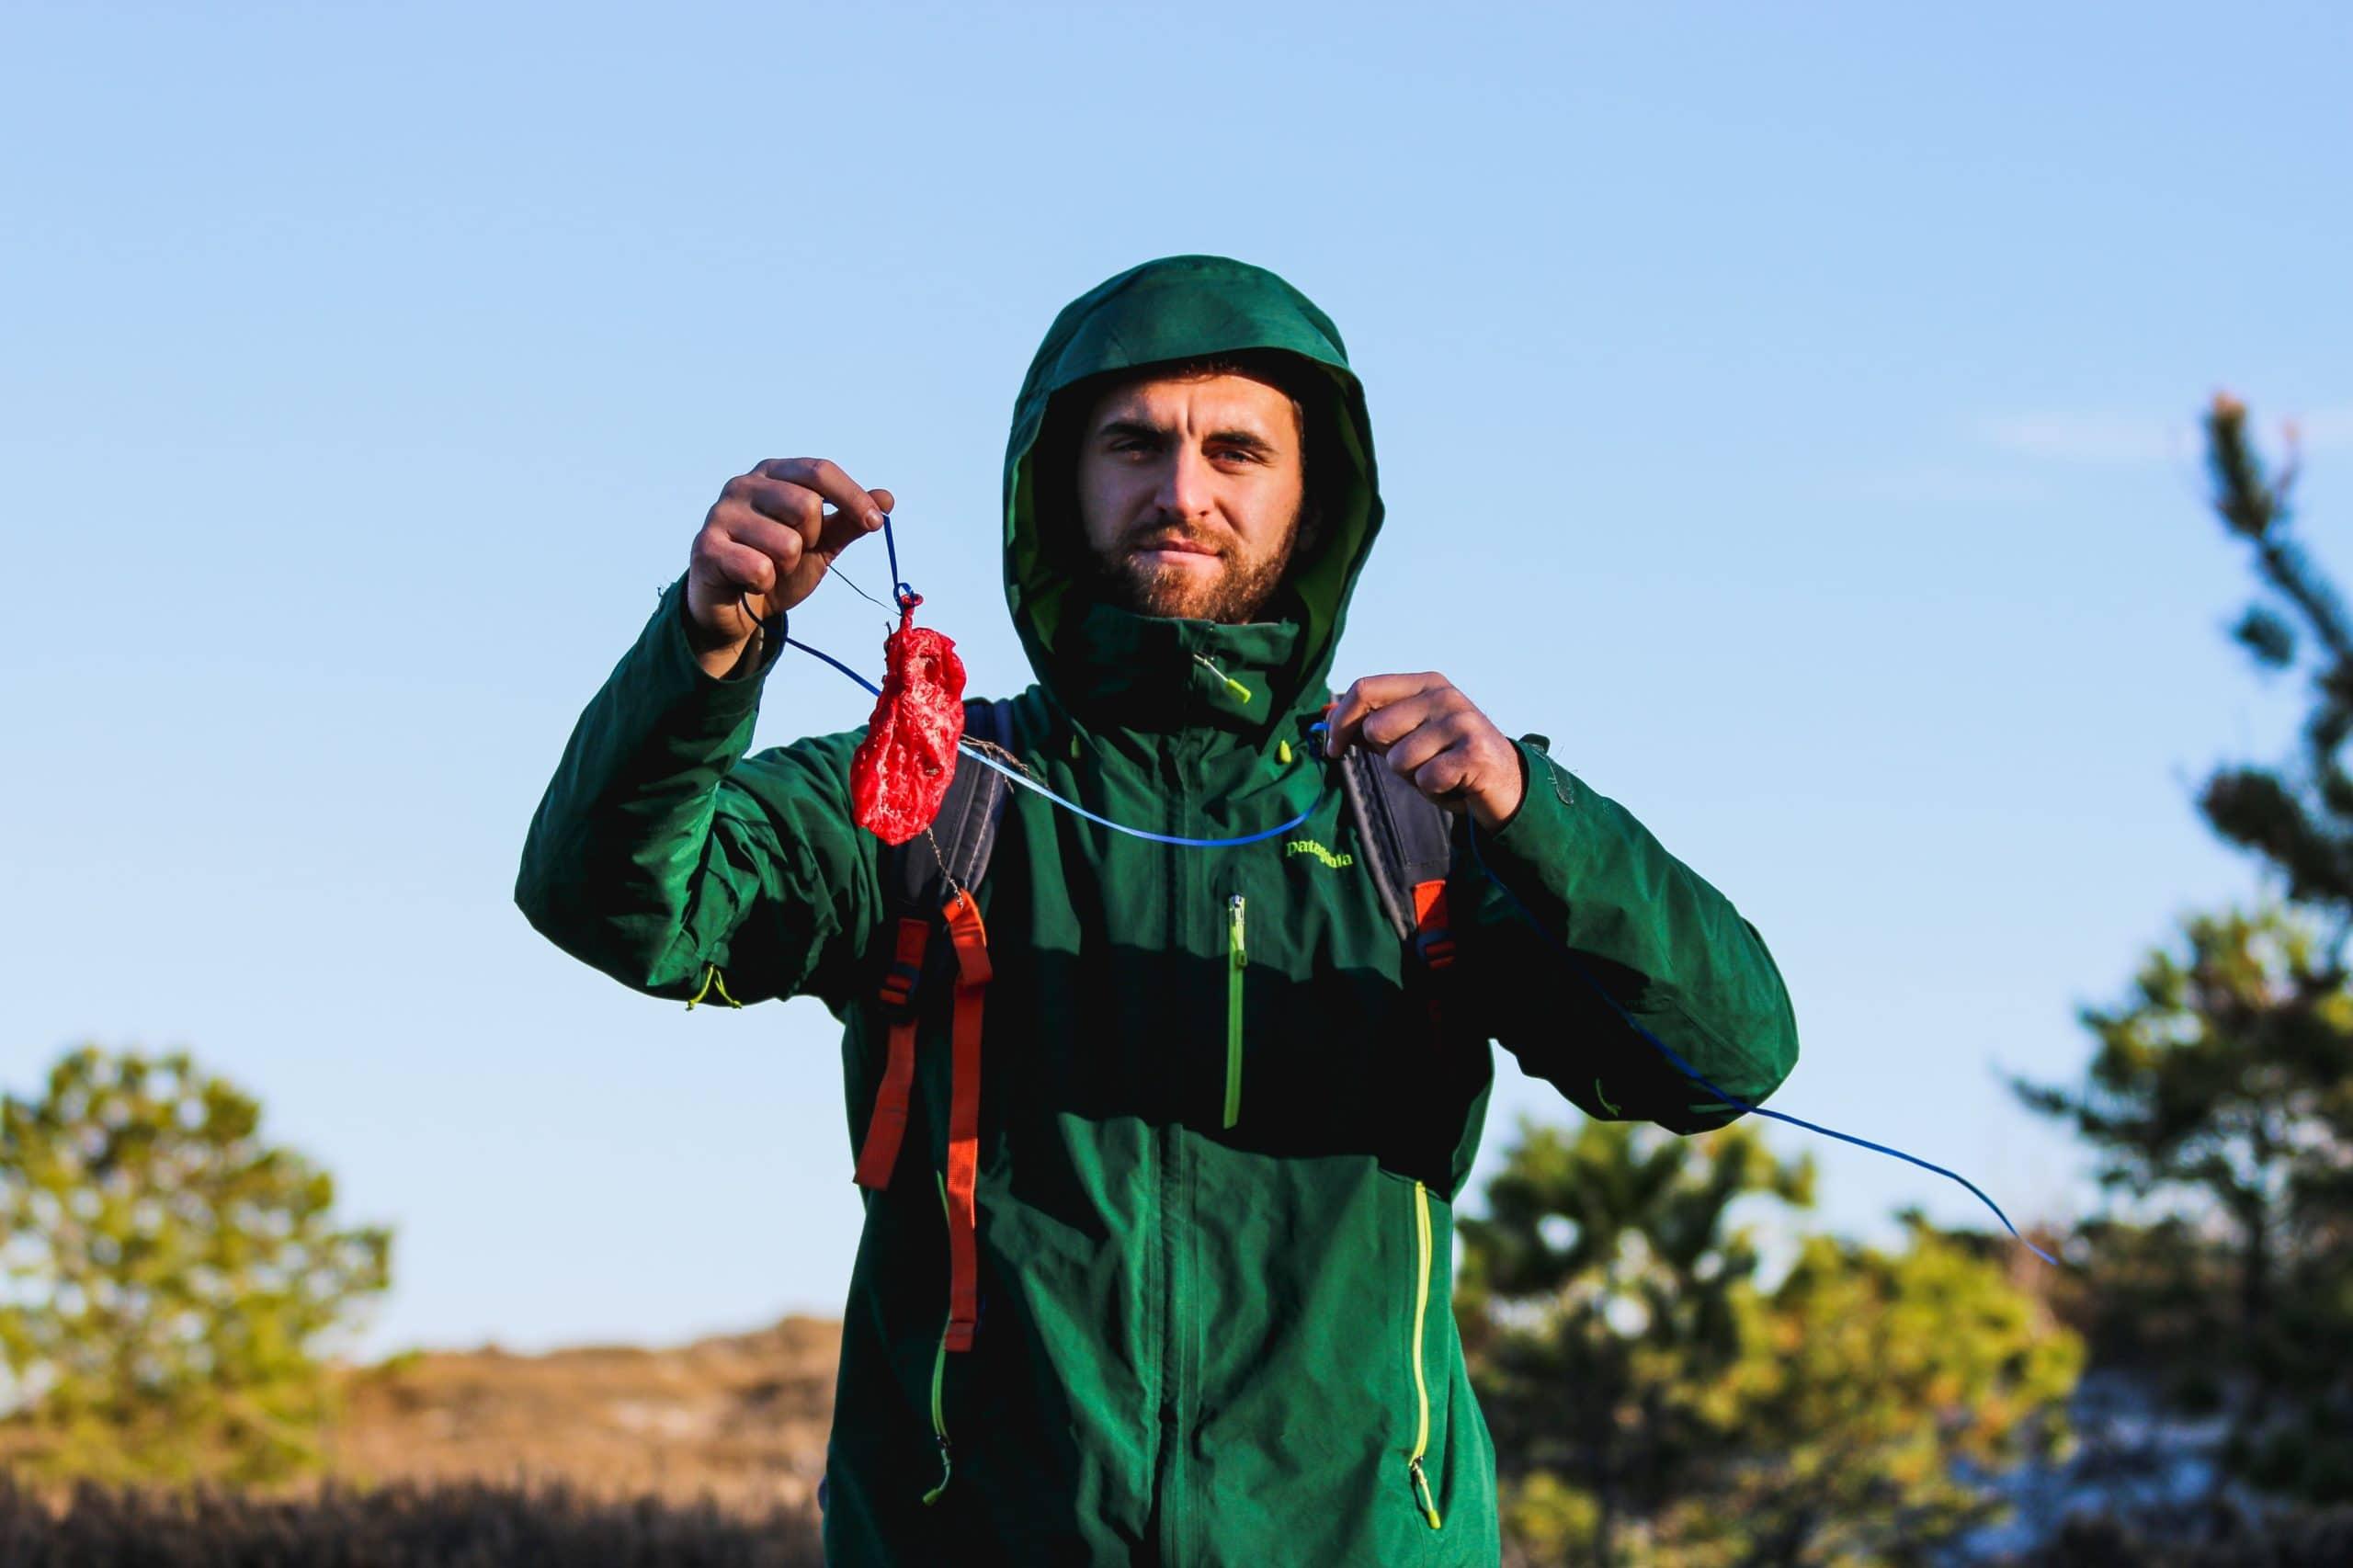 A man holds up a littered balloon